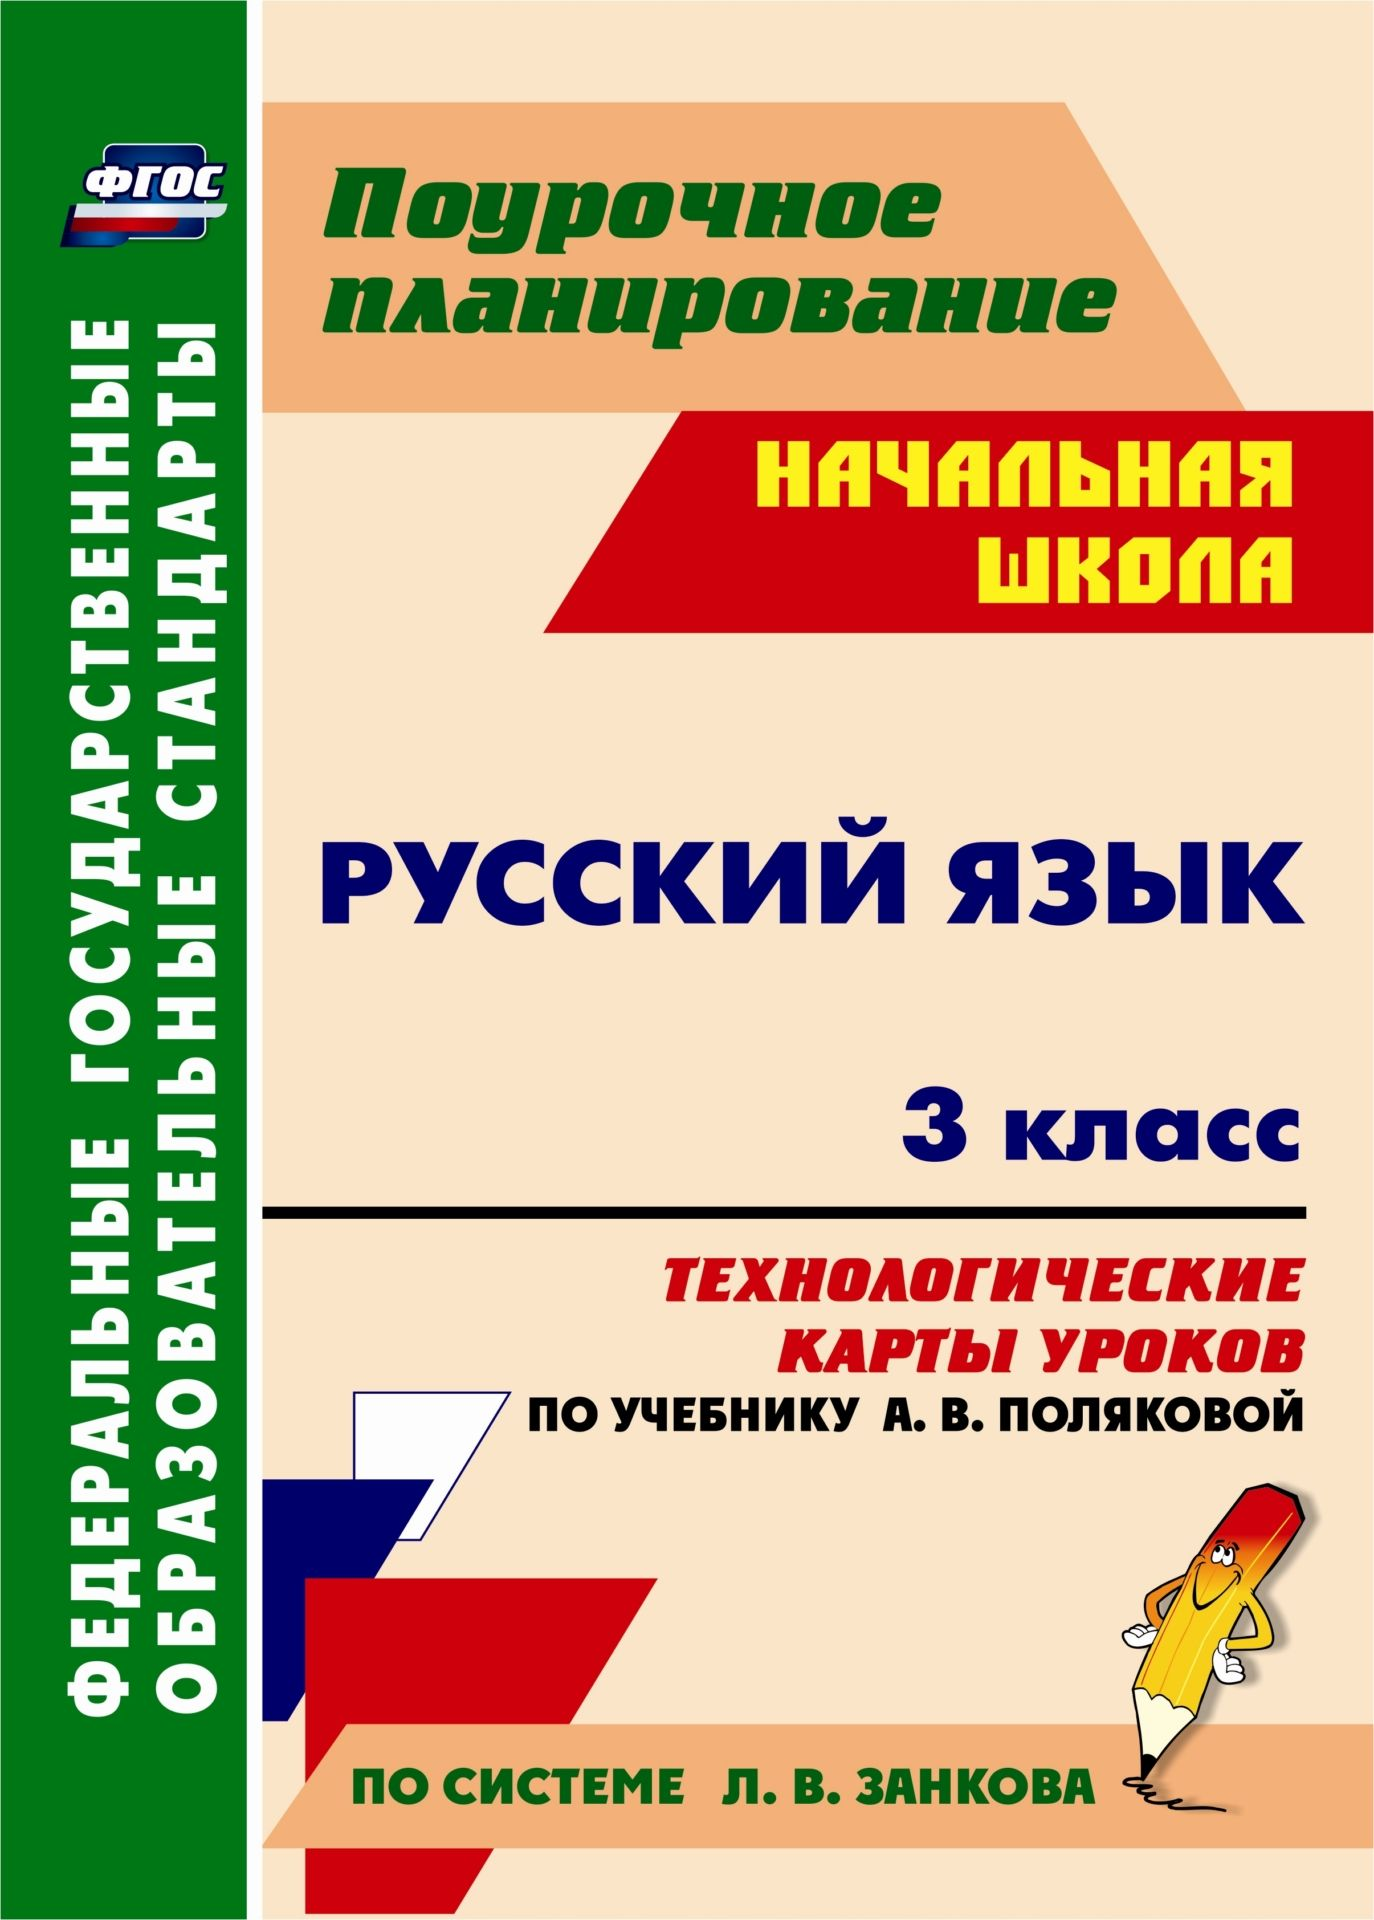 ТЕХНОЛОГИЧЕСКИЕ КАРТЫ РУССКИЙ ЯЗЫК 3 КЛАСС ПНШ СКАЧАТЬ БЕСПЛАТНО